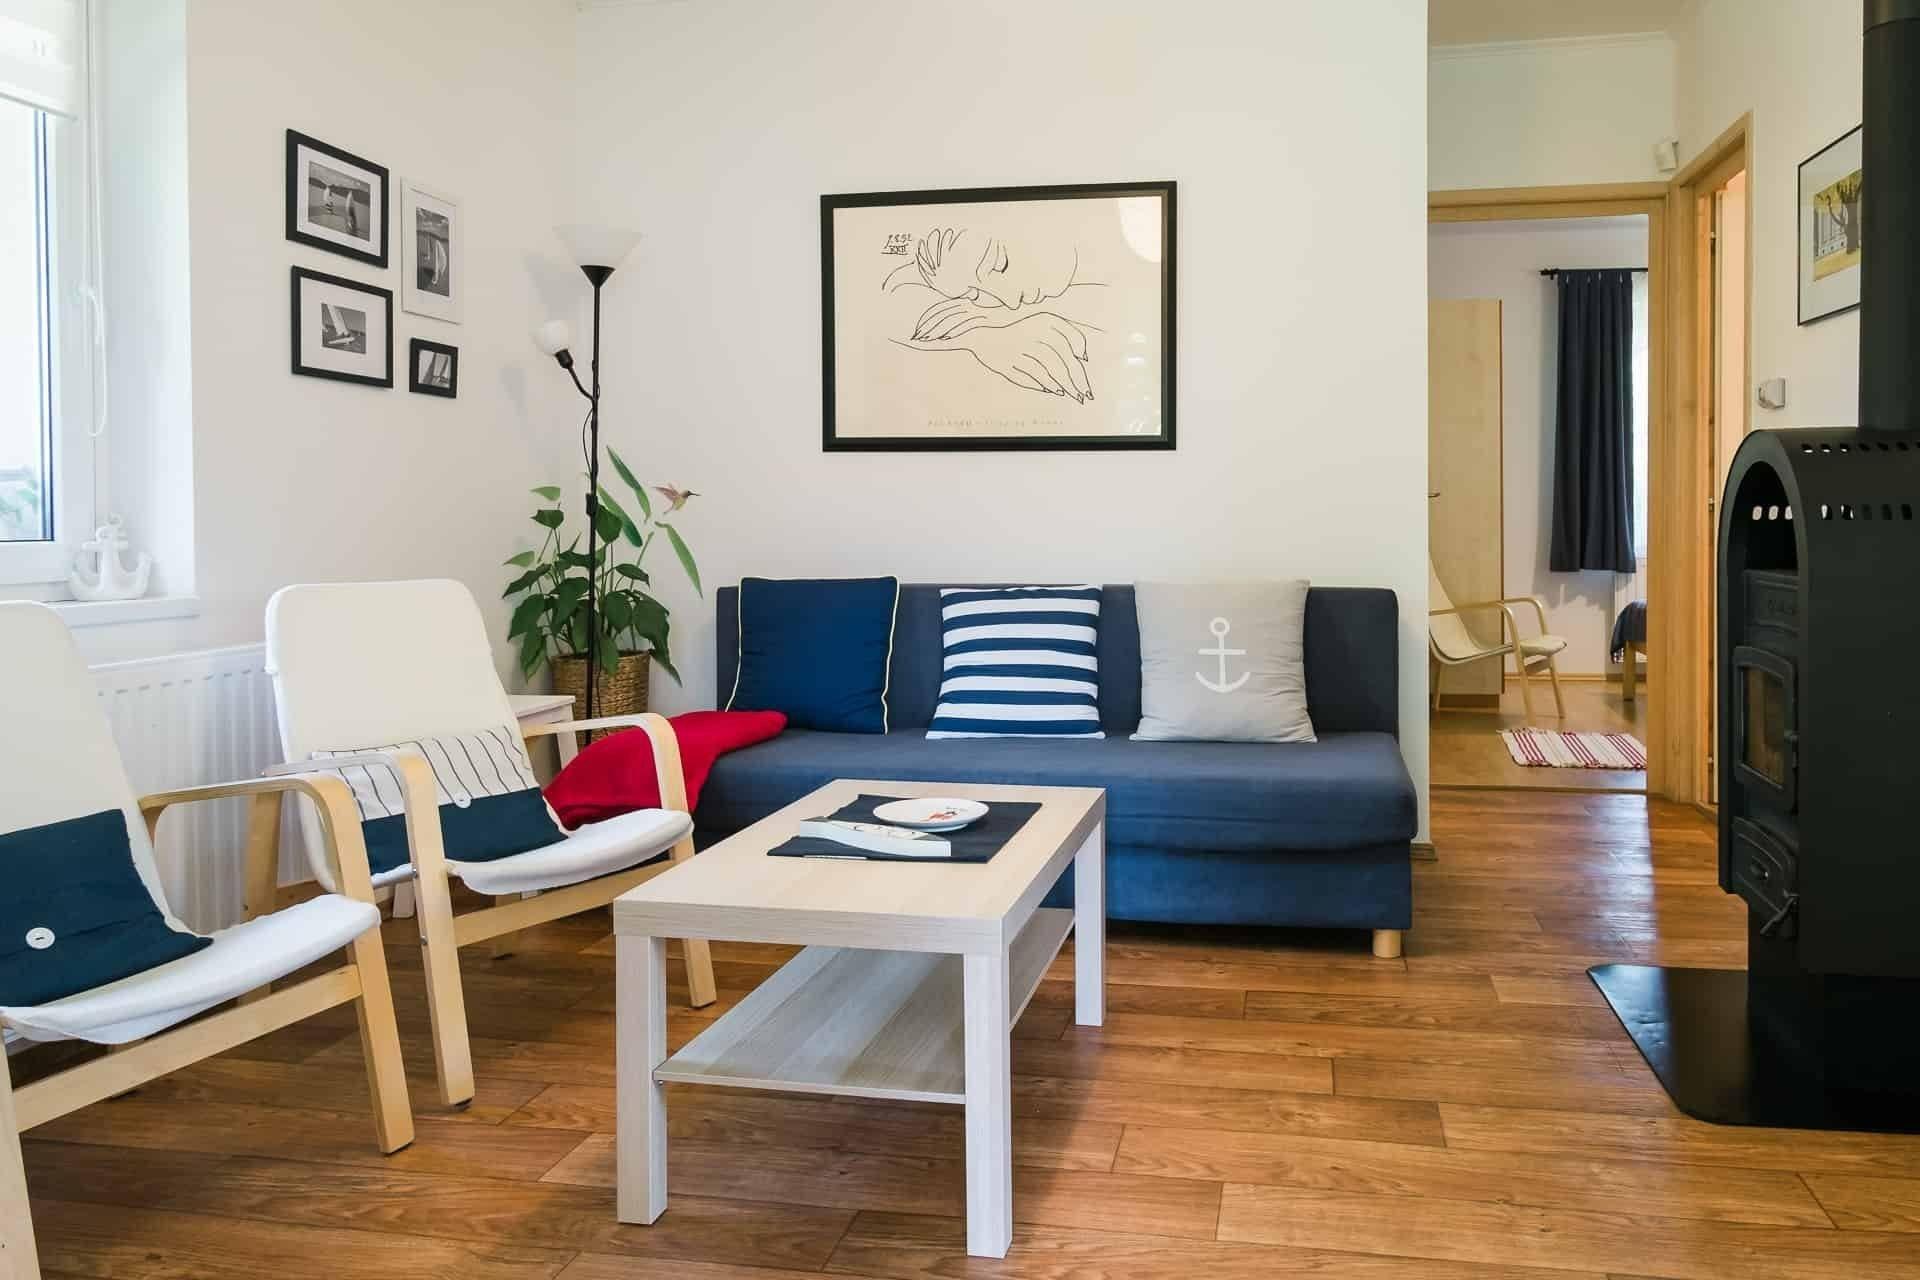 Családbarát apartmanok a Balaton északi partján.Toldi68 apartmanház - Keszthely - nappali szoba.